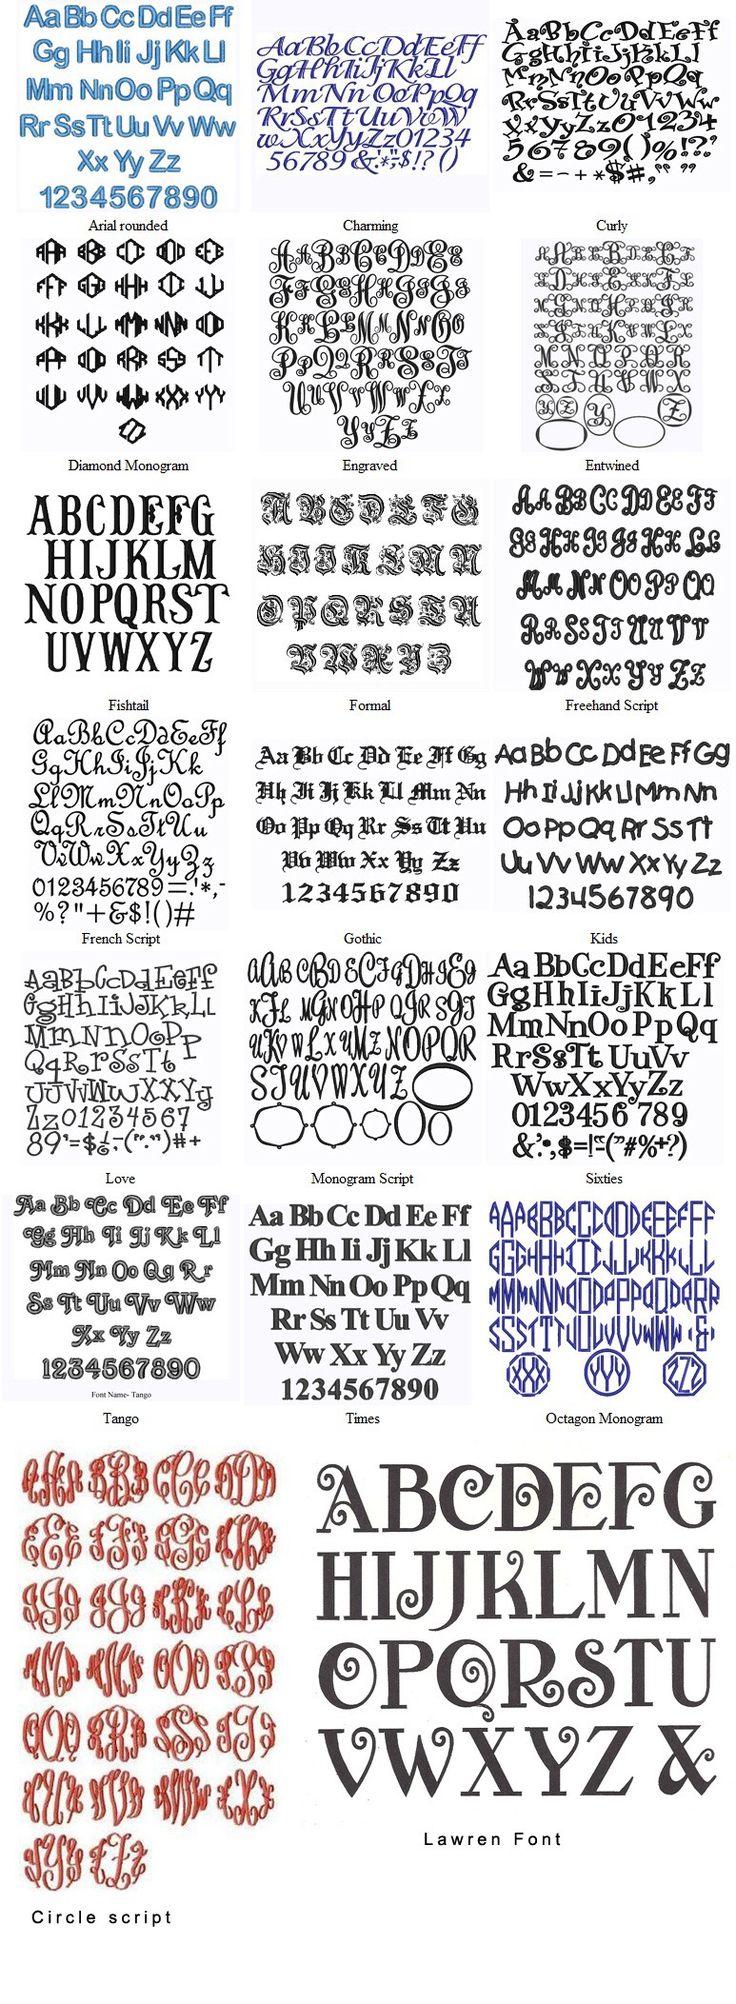 Variedades de letras